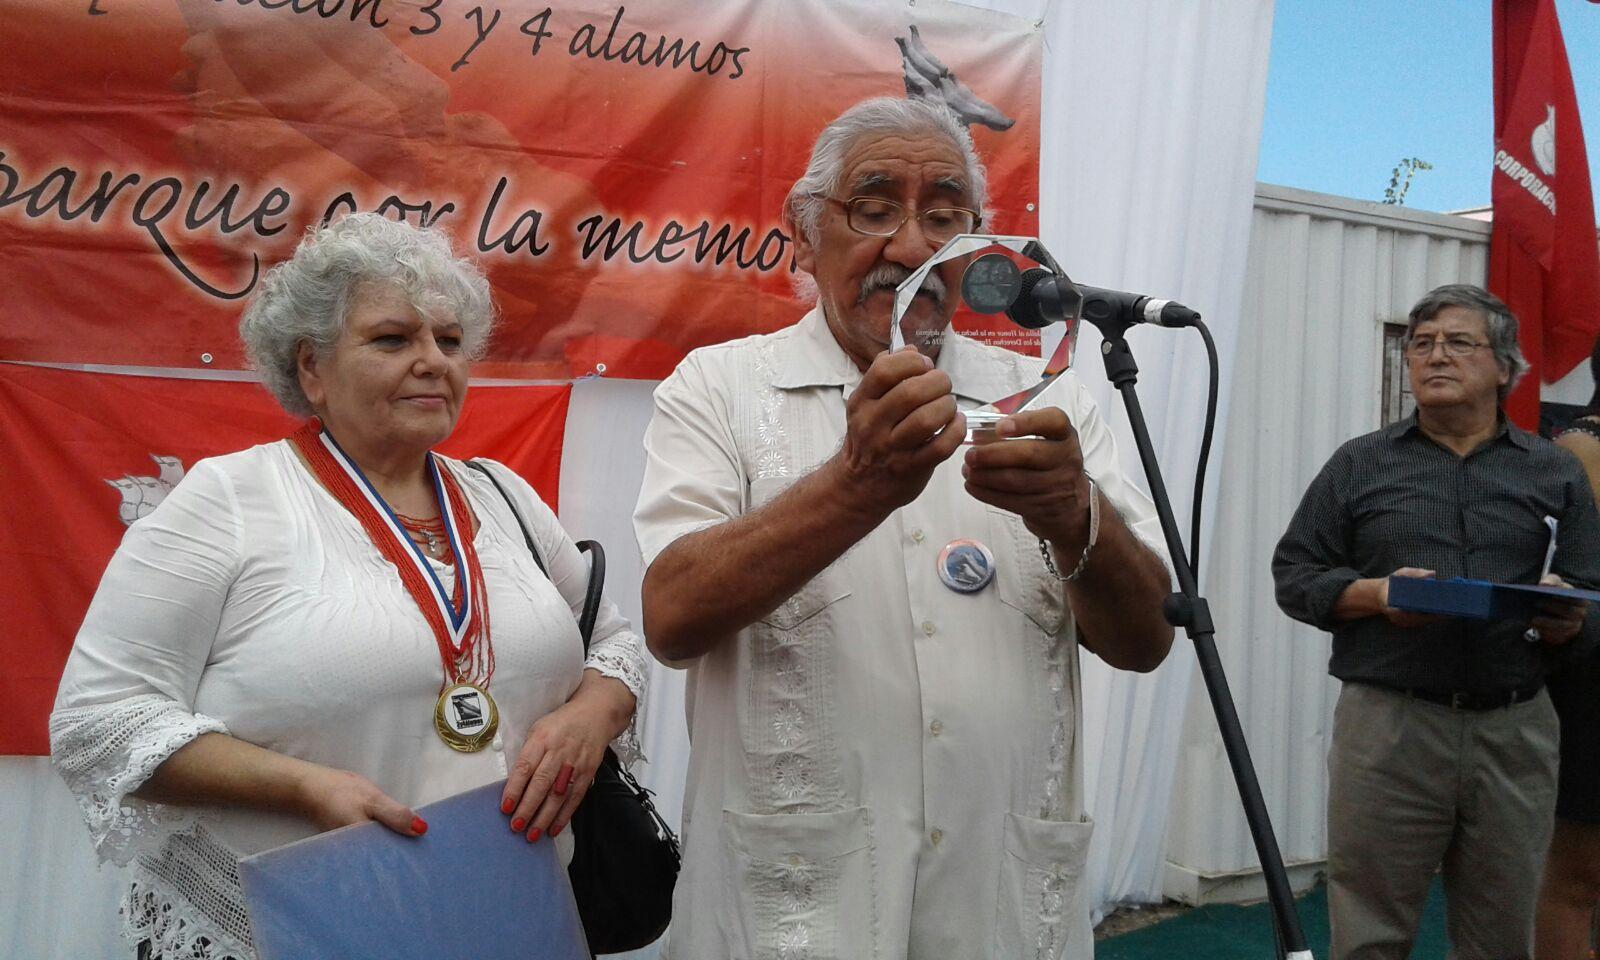 Tres y Cuatro Alamos galardonó a Carmen Hertz, Hugo Pávez Lazo y Verónica de Negri por su lucha en la defensa de los derechos humanos